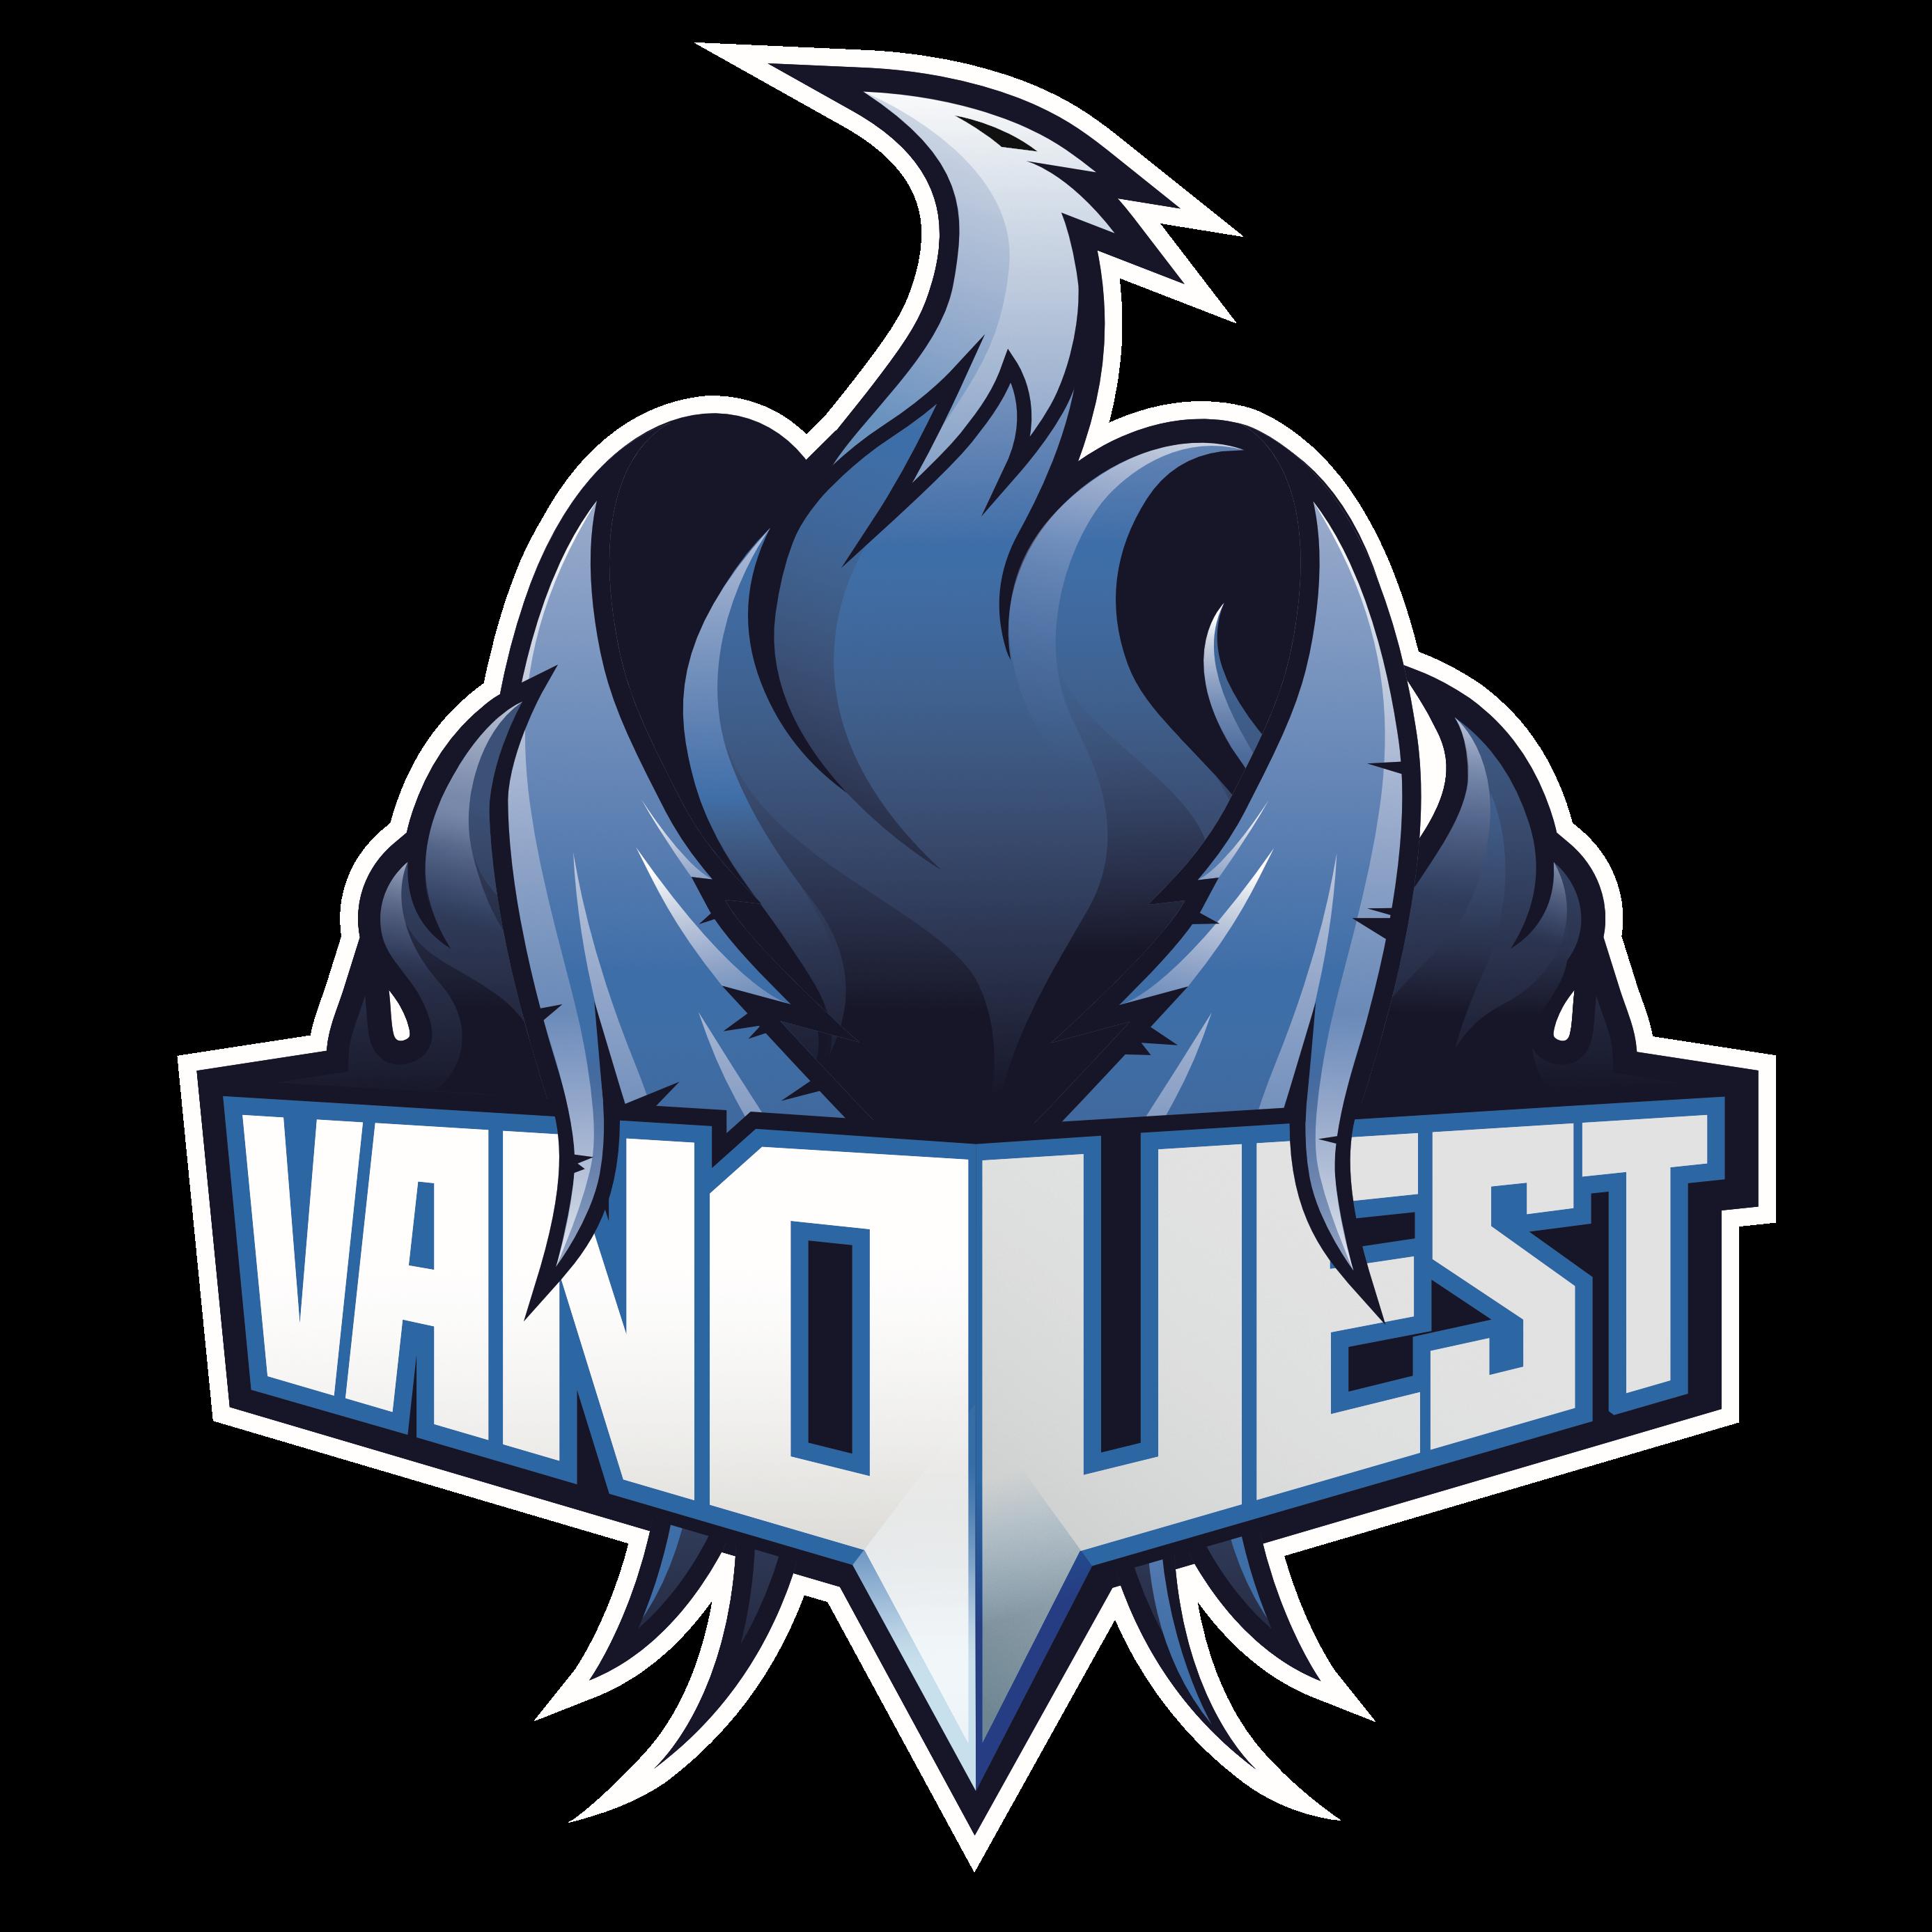 Vanquest City